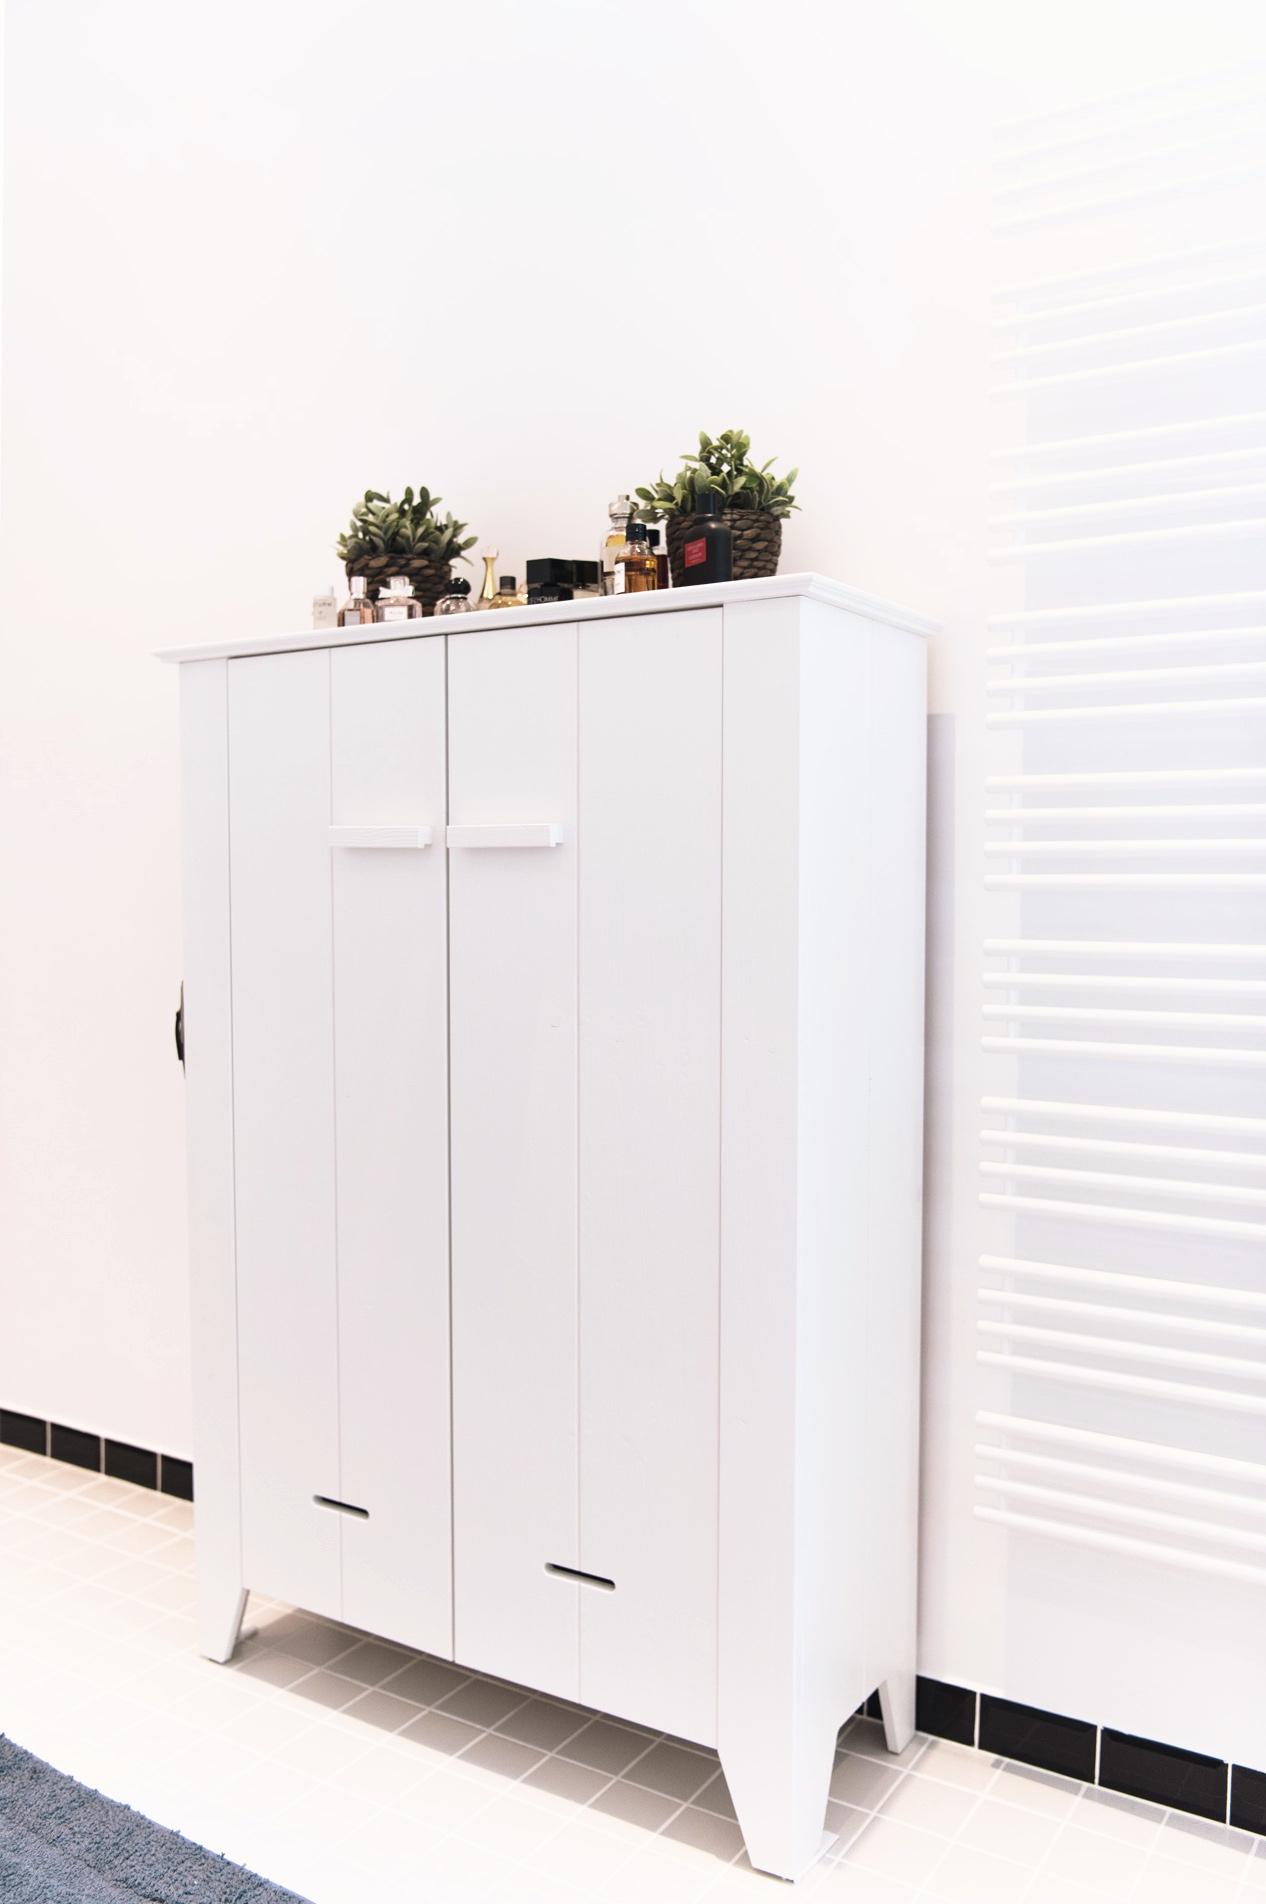 Einrichtung: Unser weißes Badezimmer mit Badewanne - Fashiioncarpet